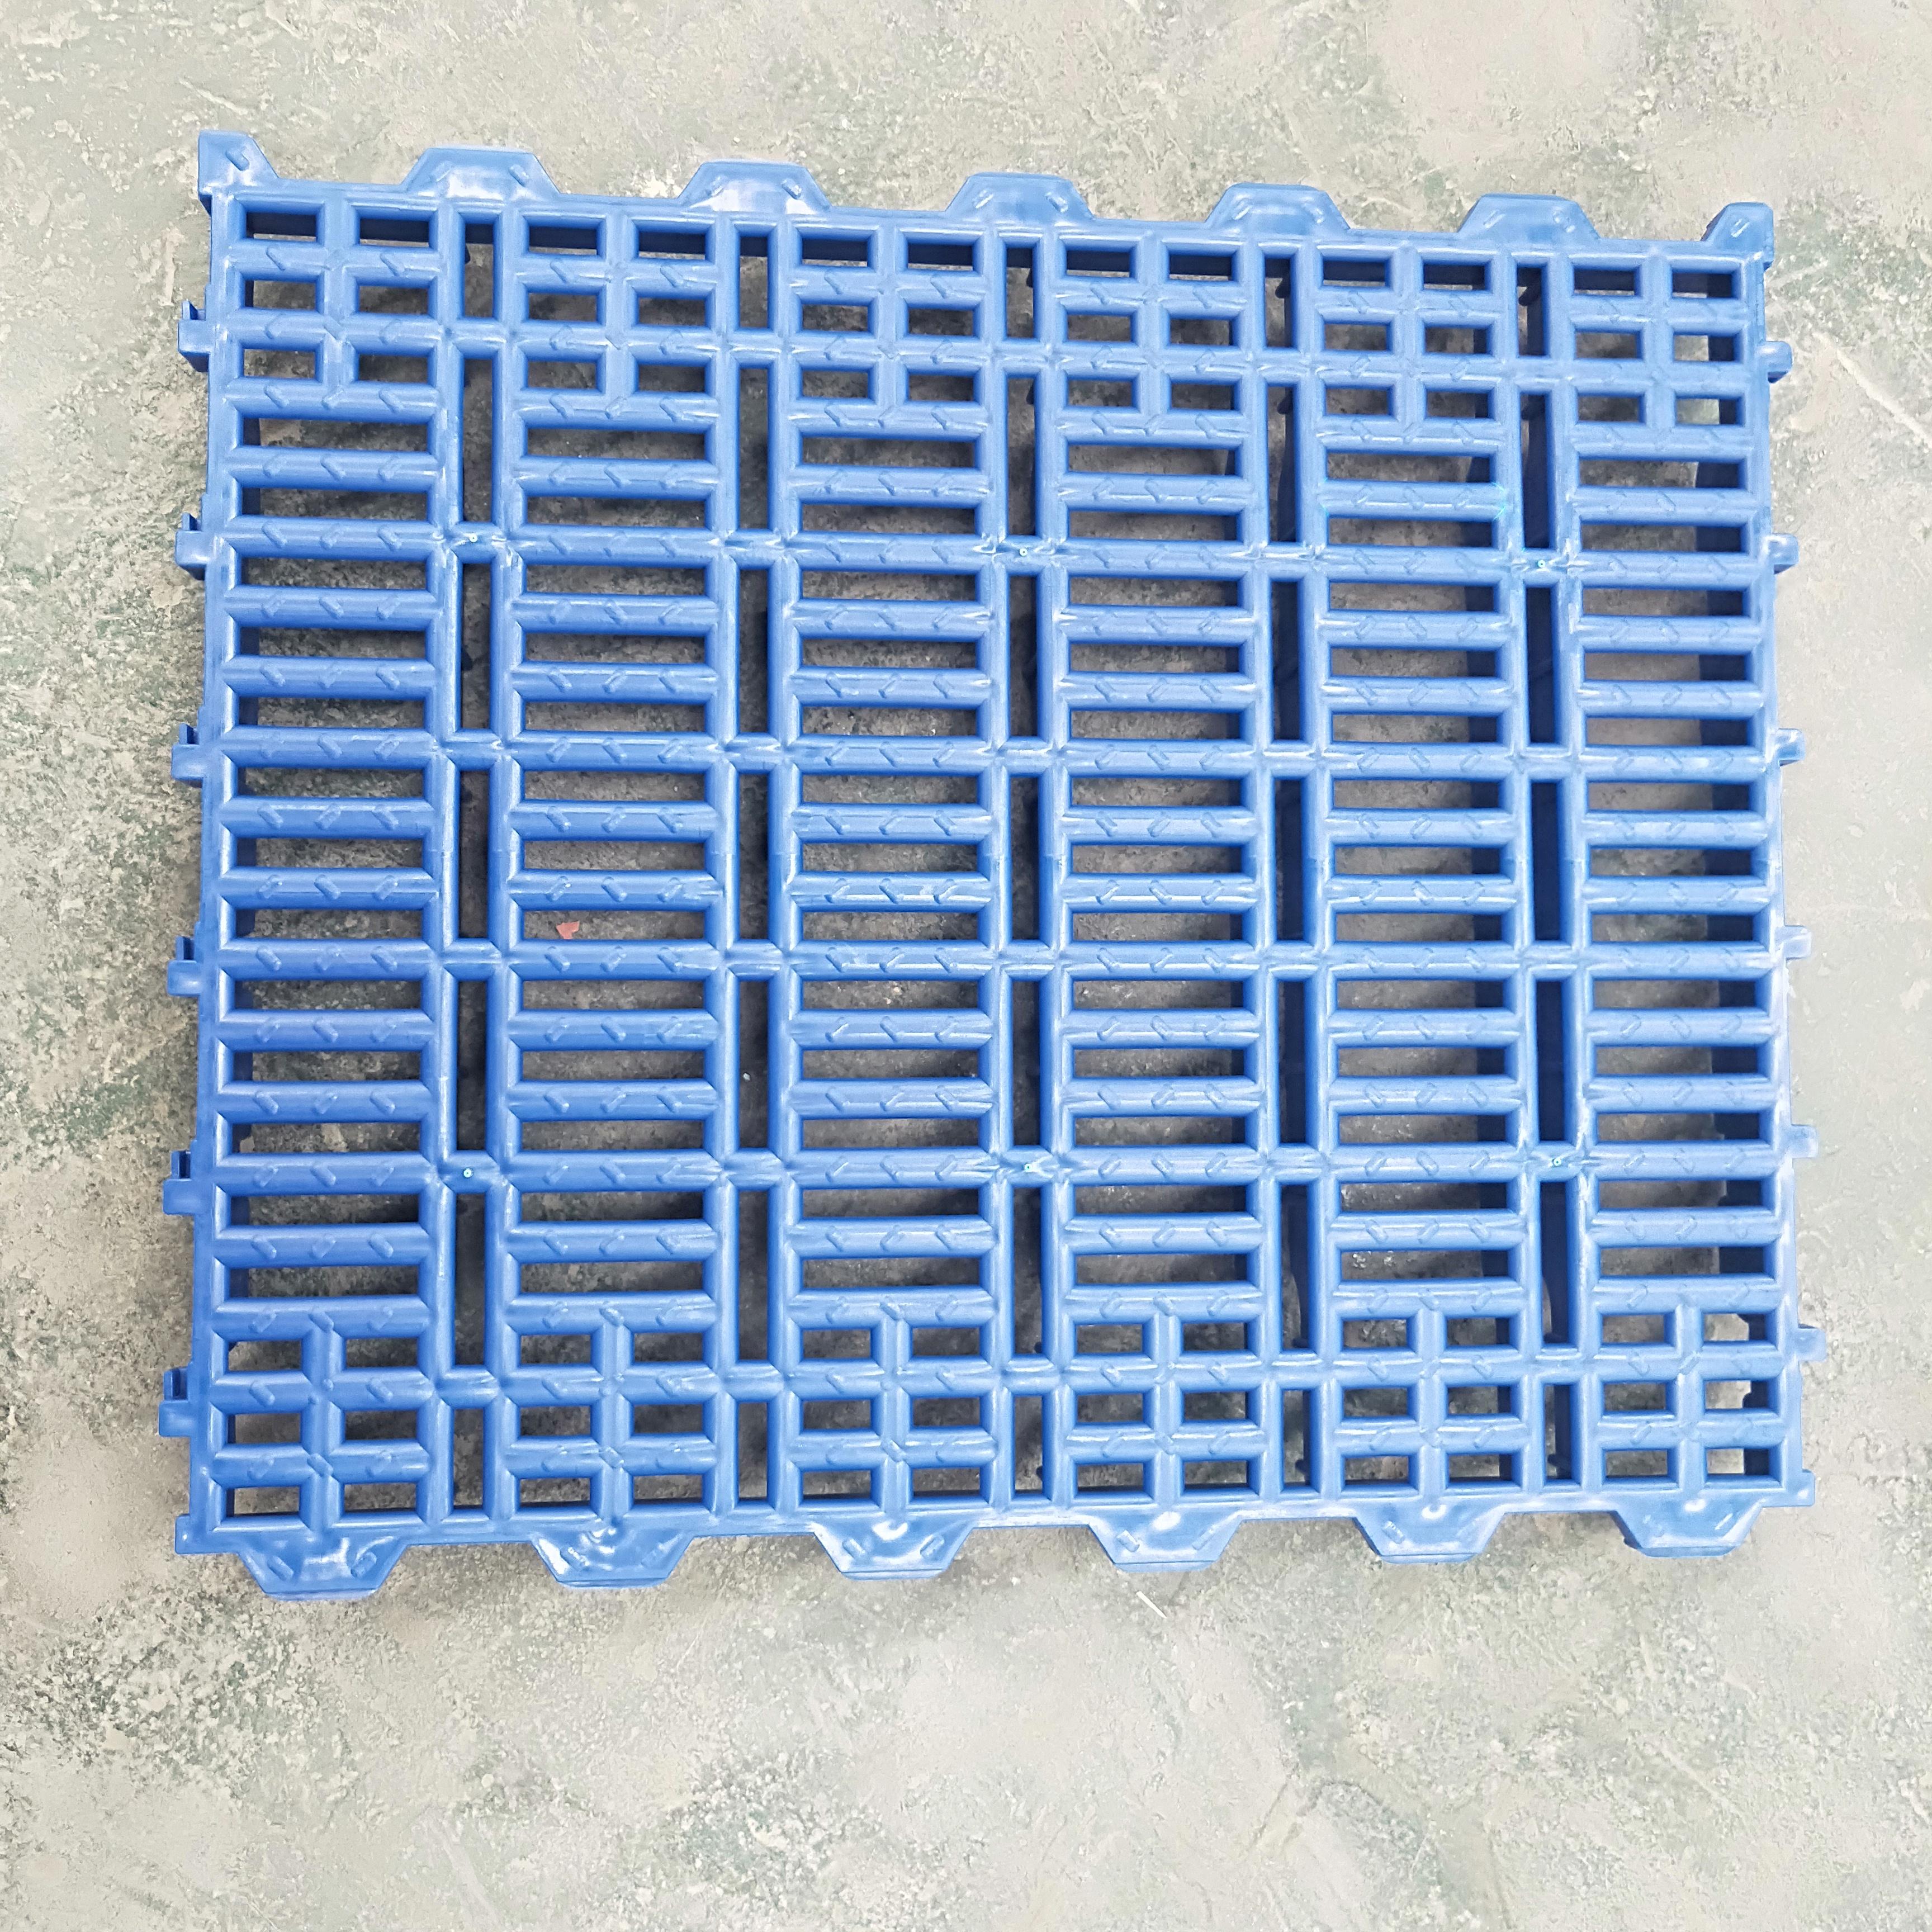 新乡市塑料漏粪板供应商-厂家直销-报价-价格